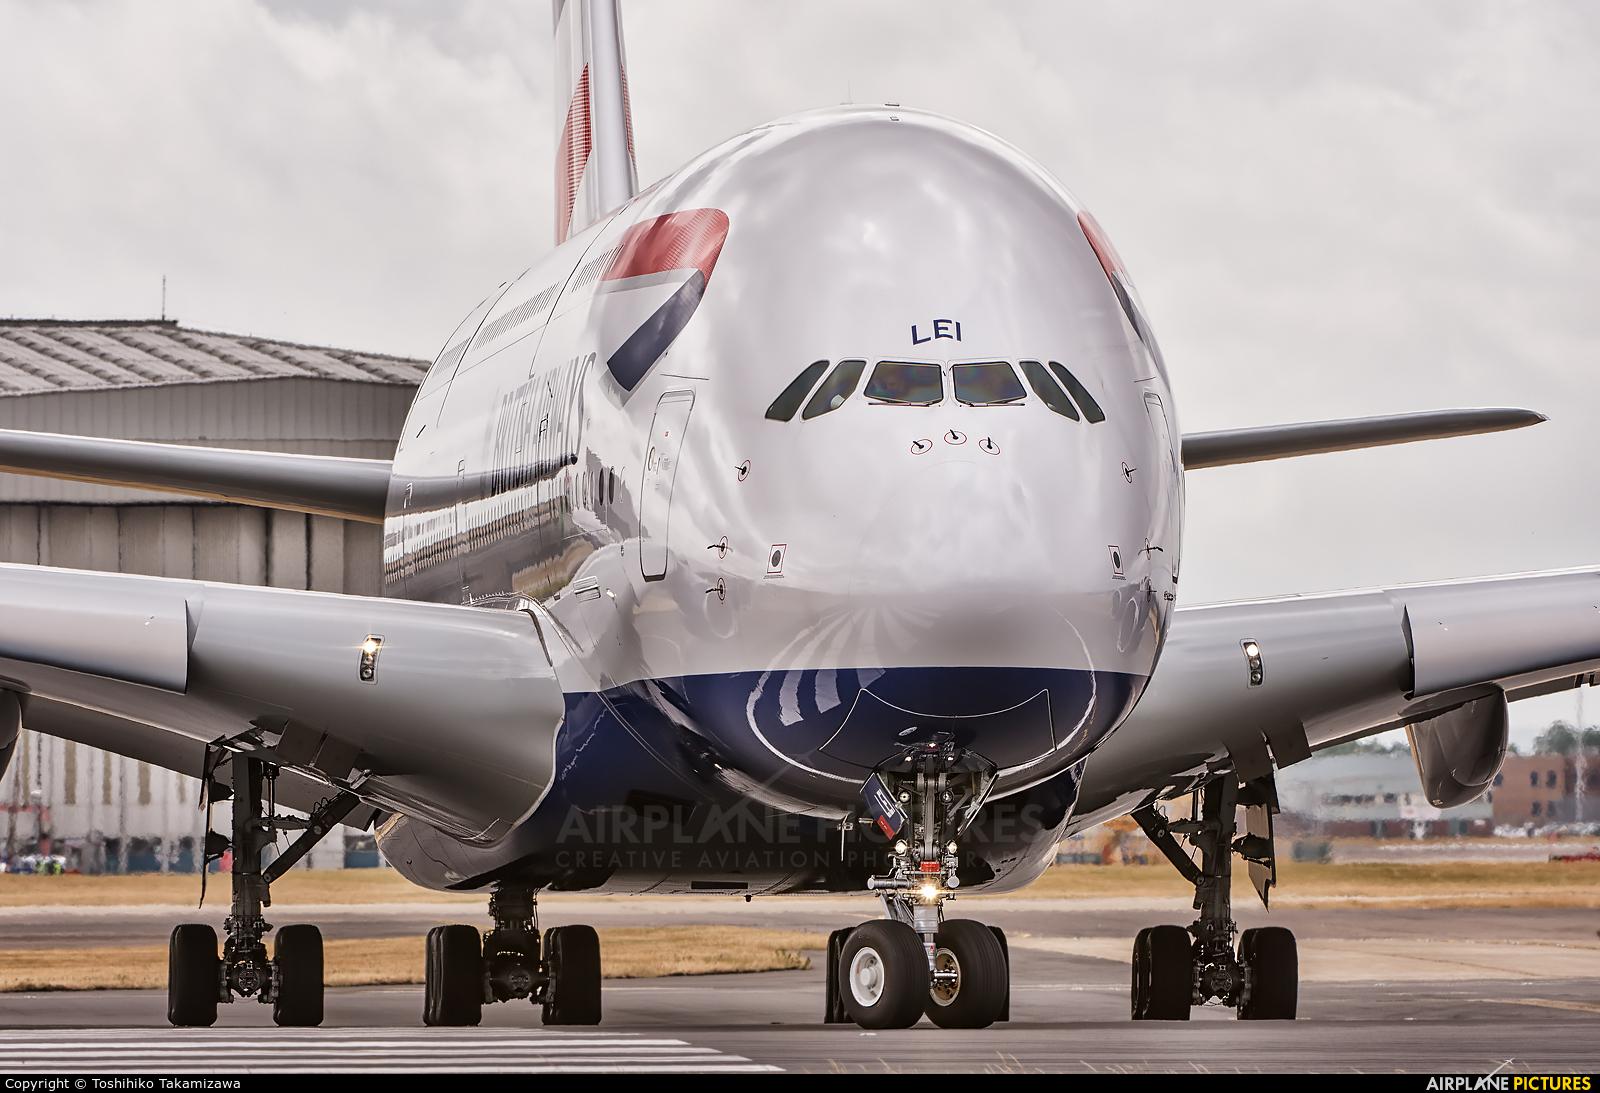 British Airways G-XLEI aircraft at London - Heathrow